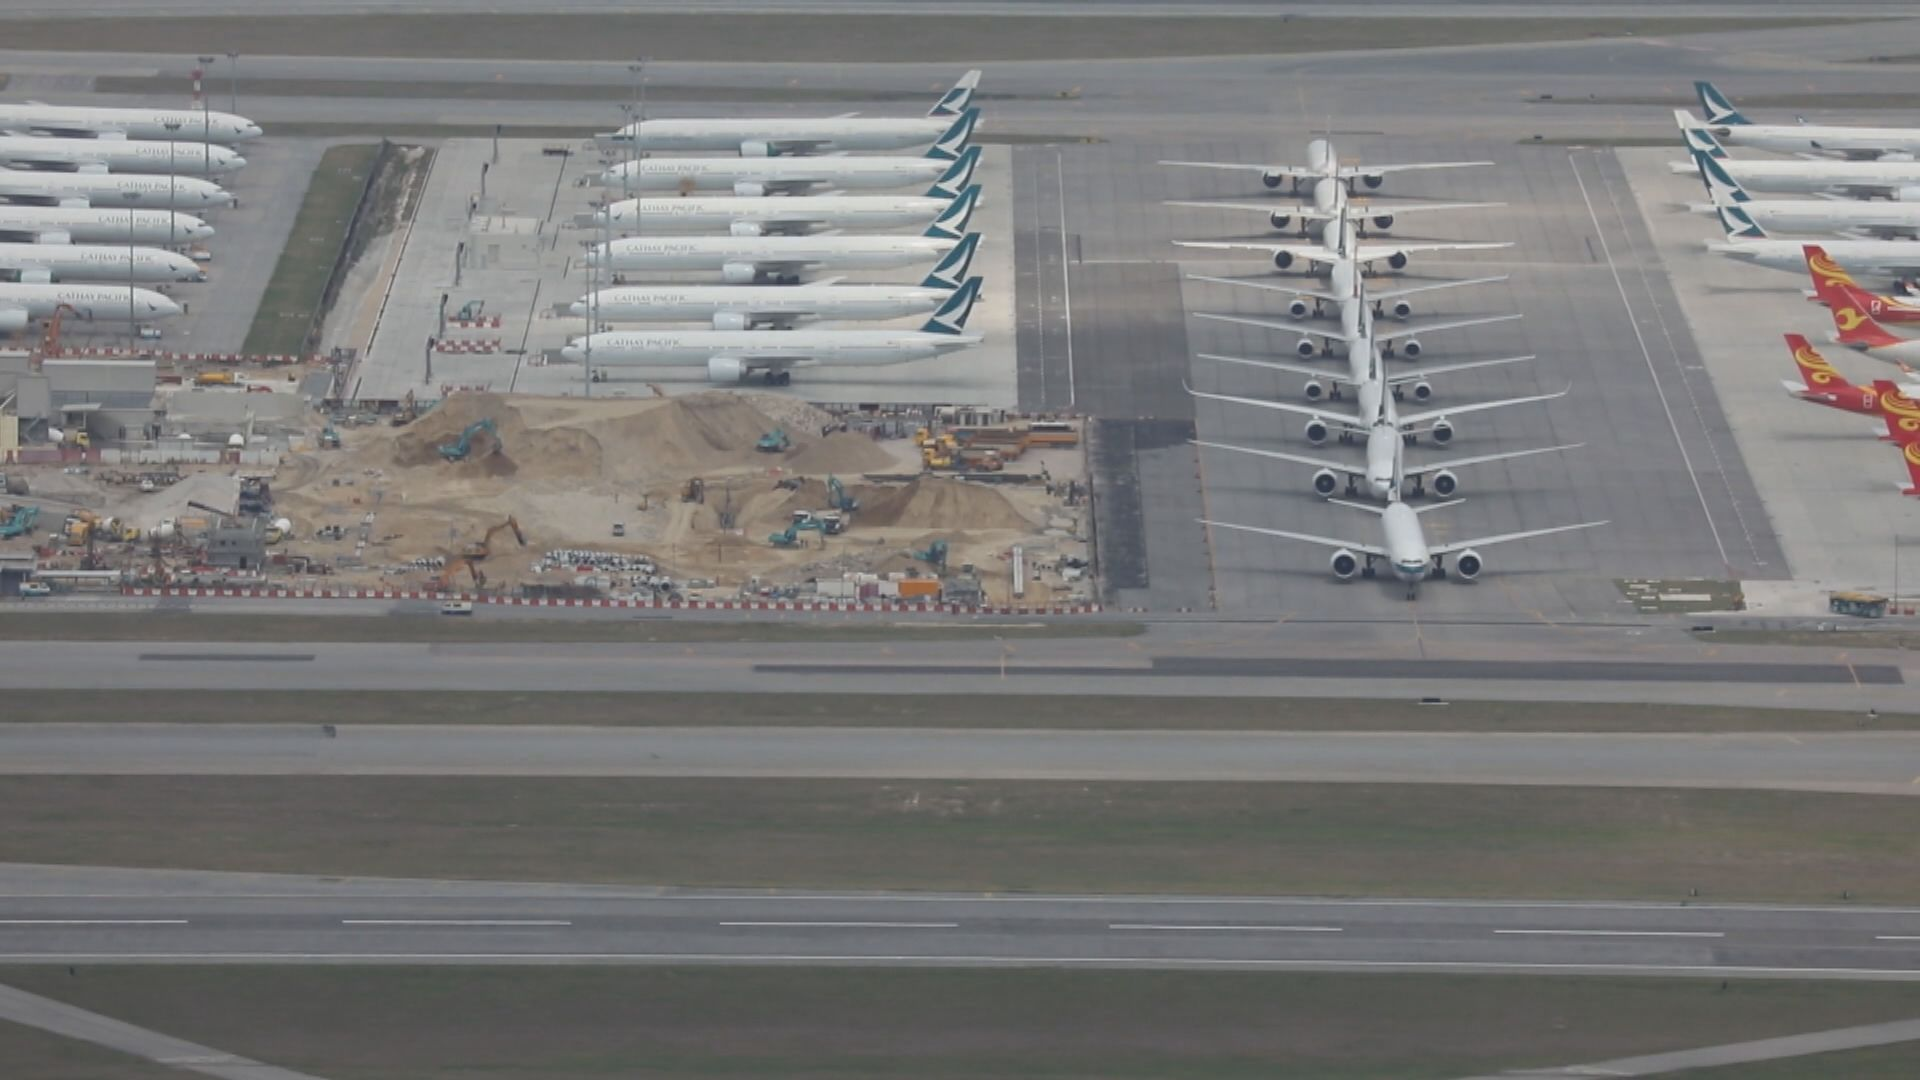 學者:今年夏天航空業務大幅下滑 無可避免以裁員節流